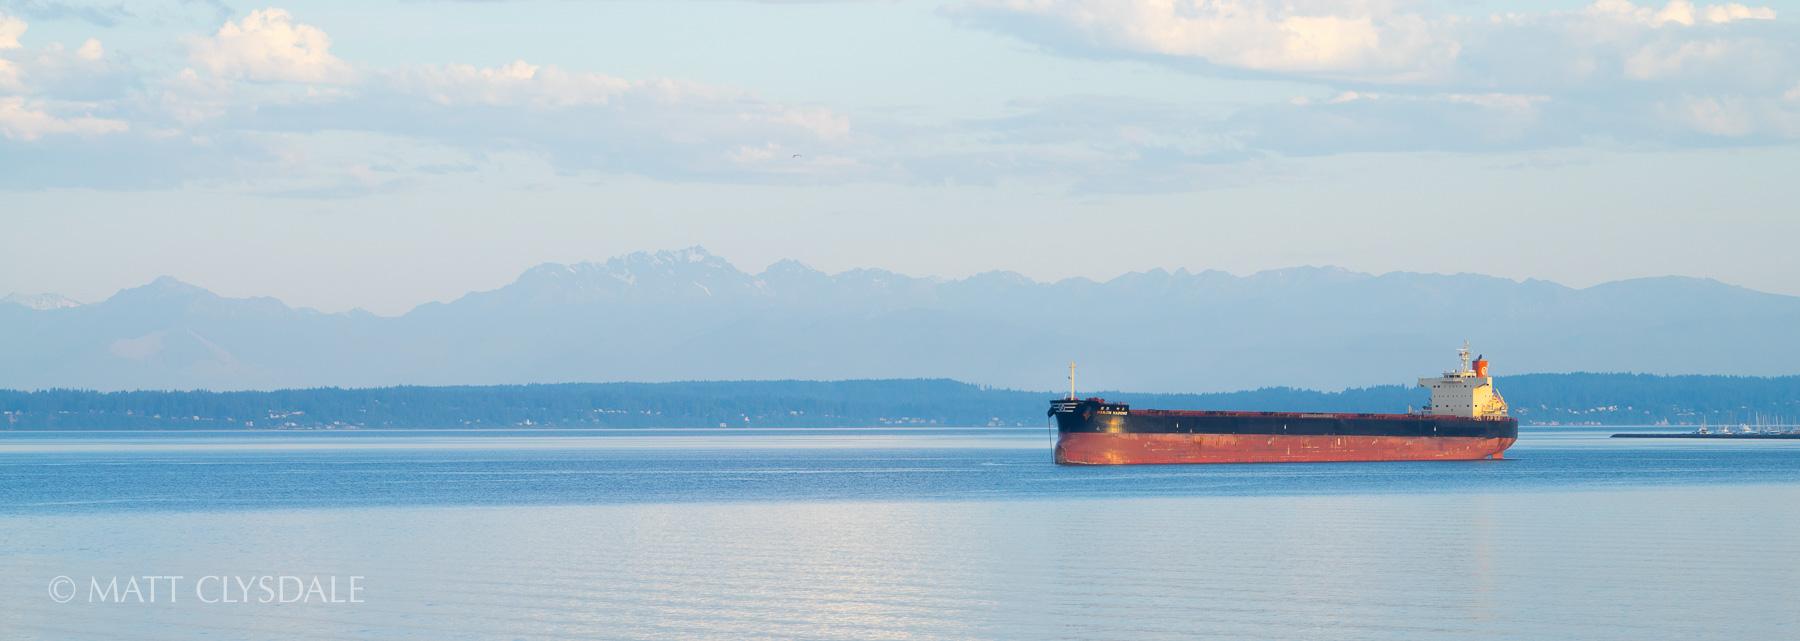 Puget Sound Tanker Sunrise